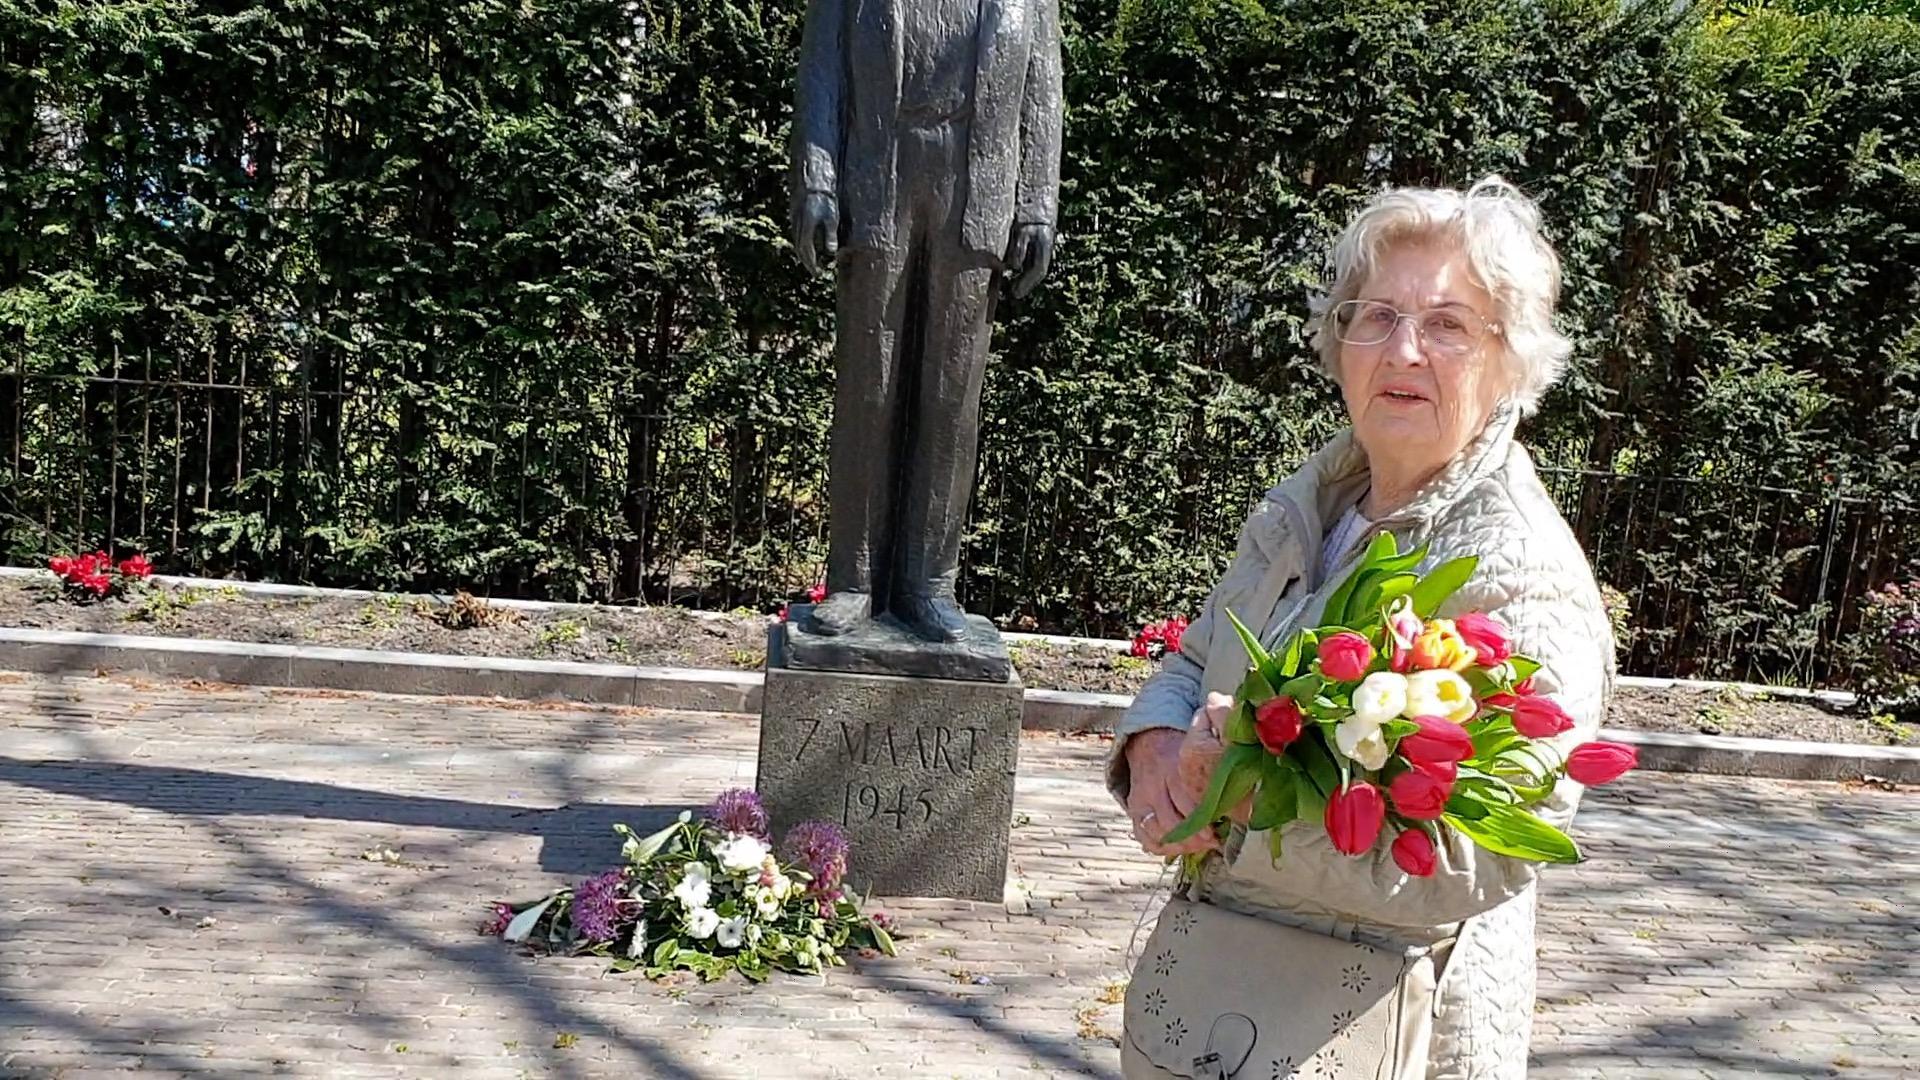 Vriendinnetjes die getuige waren van executie Haarlemse Dreef vinden elkaar na bijna 70 jaar weer via krant